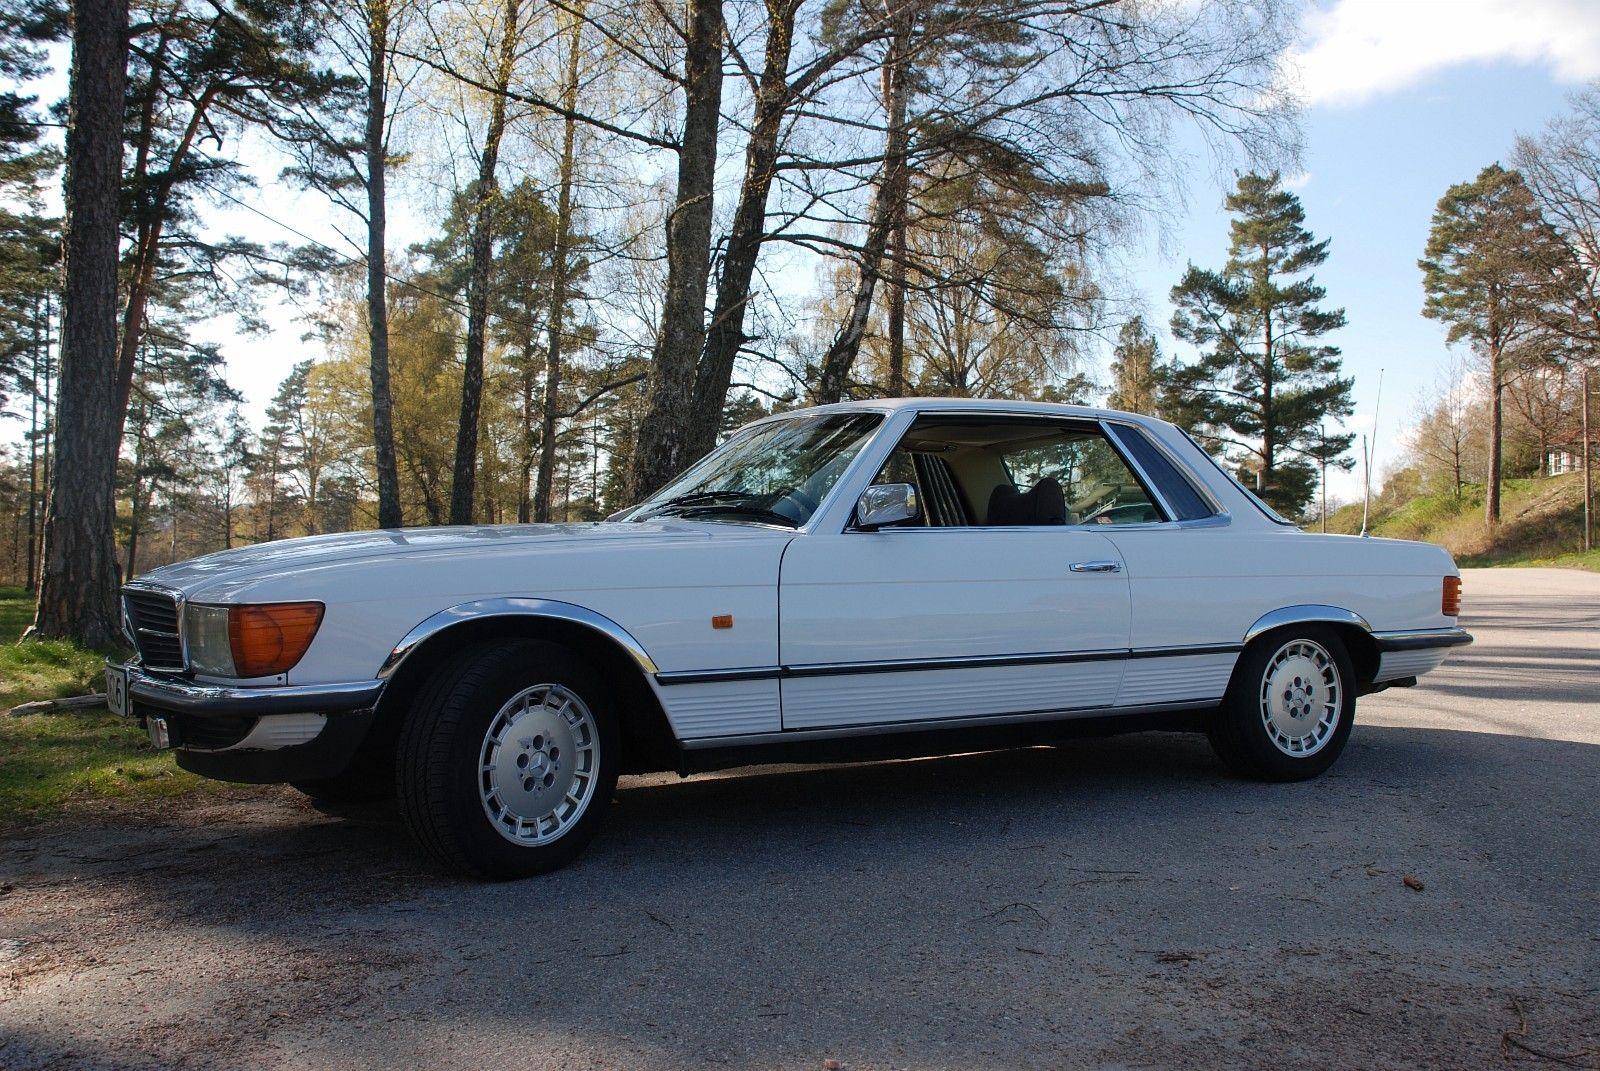 Mercedes-Benz SLC 450 SLC 1978, 157 011 km, kr 120 000,-